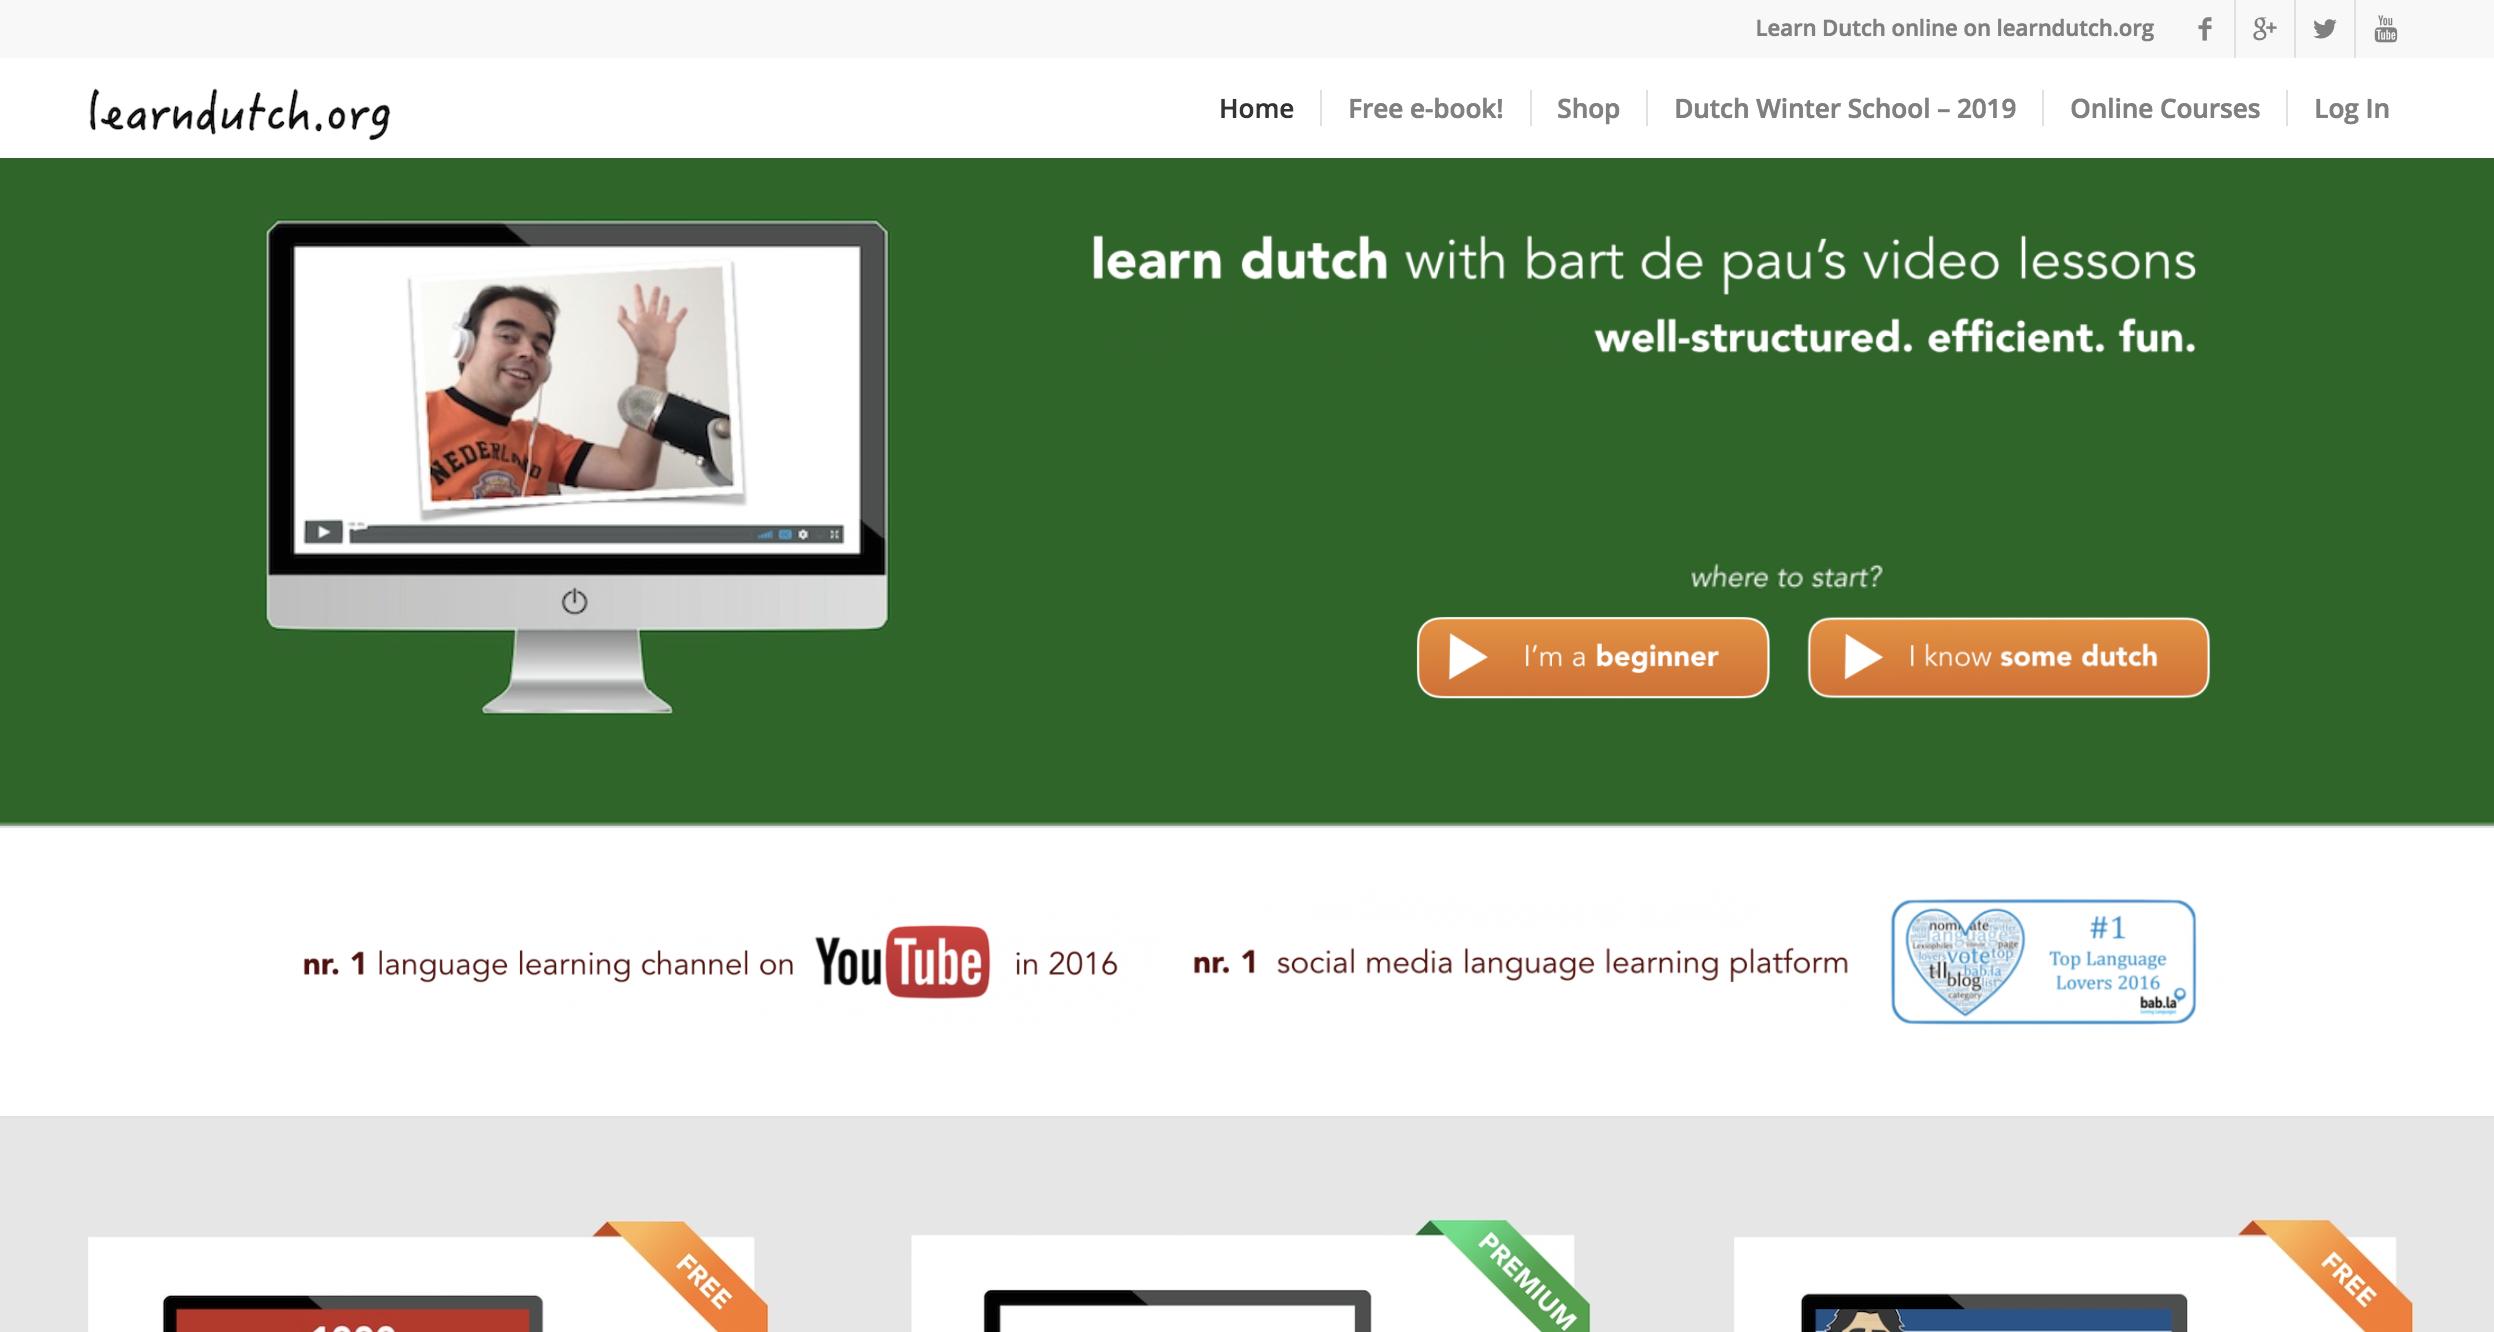 더치어 단어 공부 쉽게 무료로 시작하기 좋은 웹사이트! learndutch.org